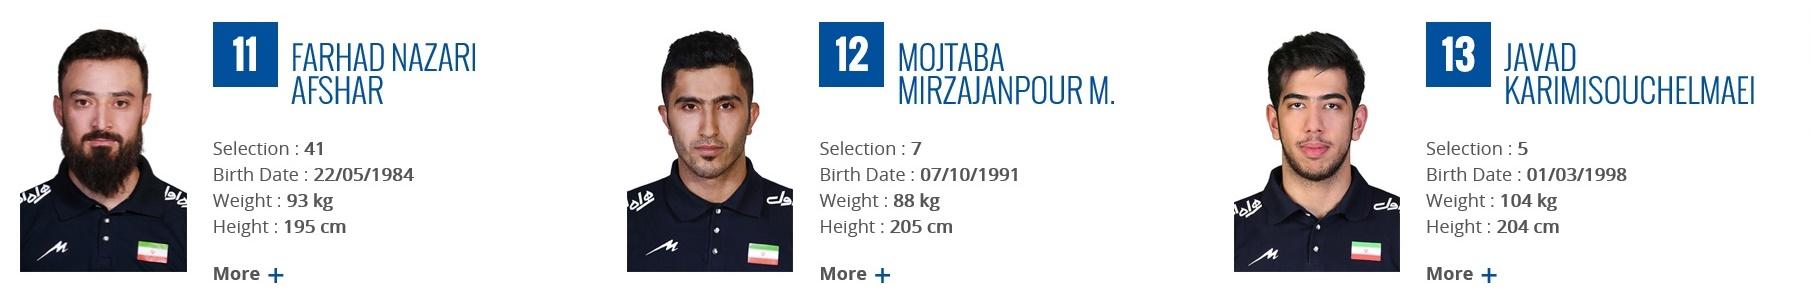 バレーボール男子イラン代表2017